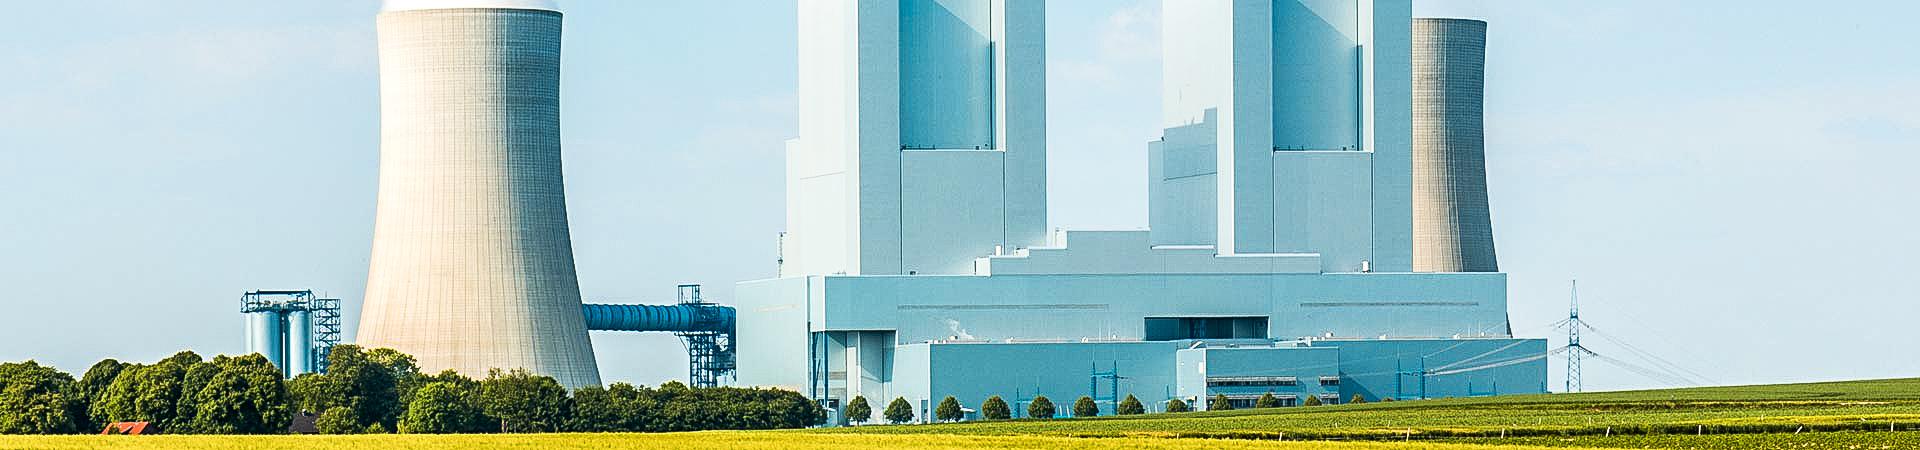 Kohlekraftwerke - IBE Industrieservice